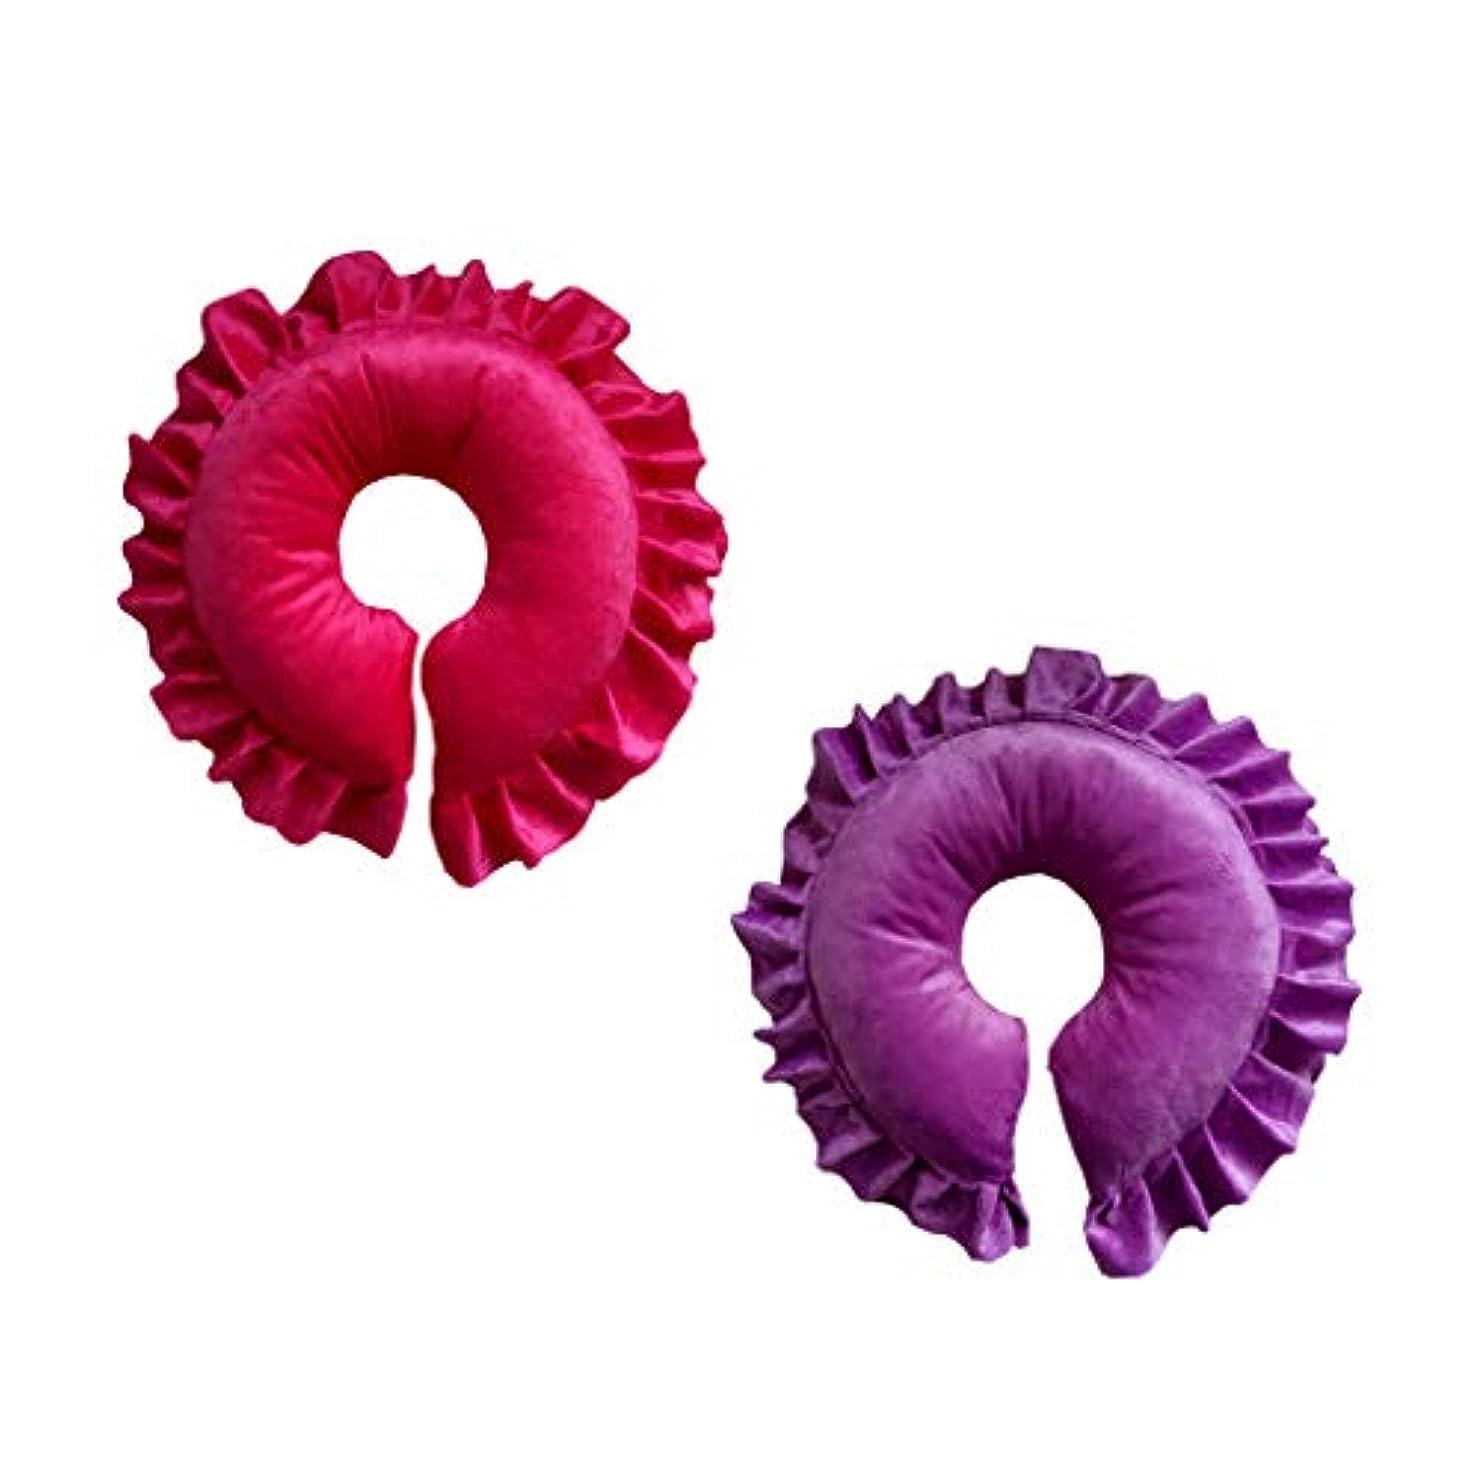 シュートブラシ傘FLAMEER 2個 フェイスピロー マッサージ用クッション 顔枕 マッサージ枕 サロン スパ 快適 紫&赤